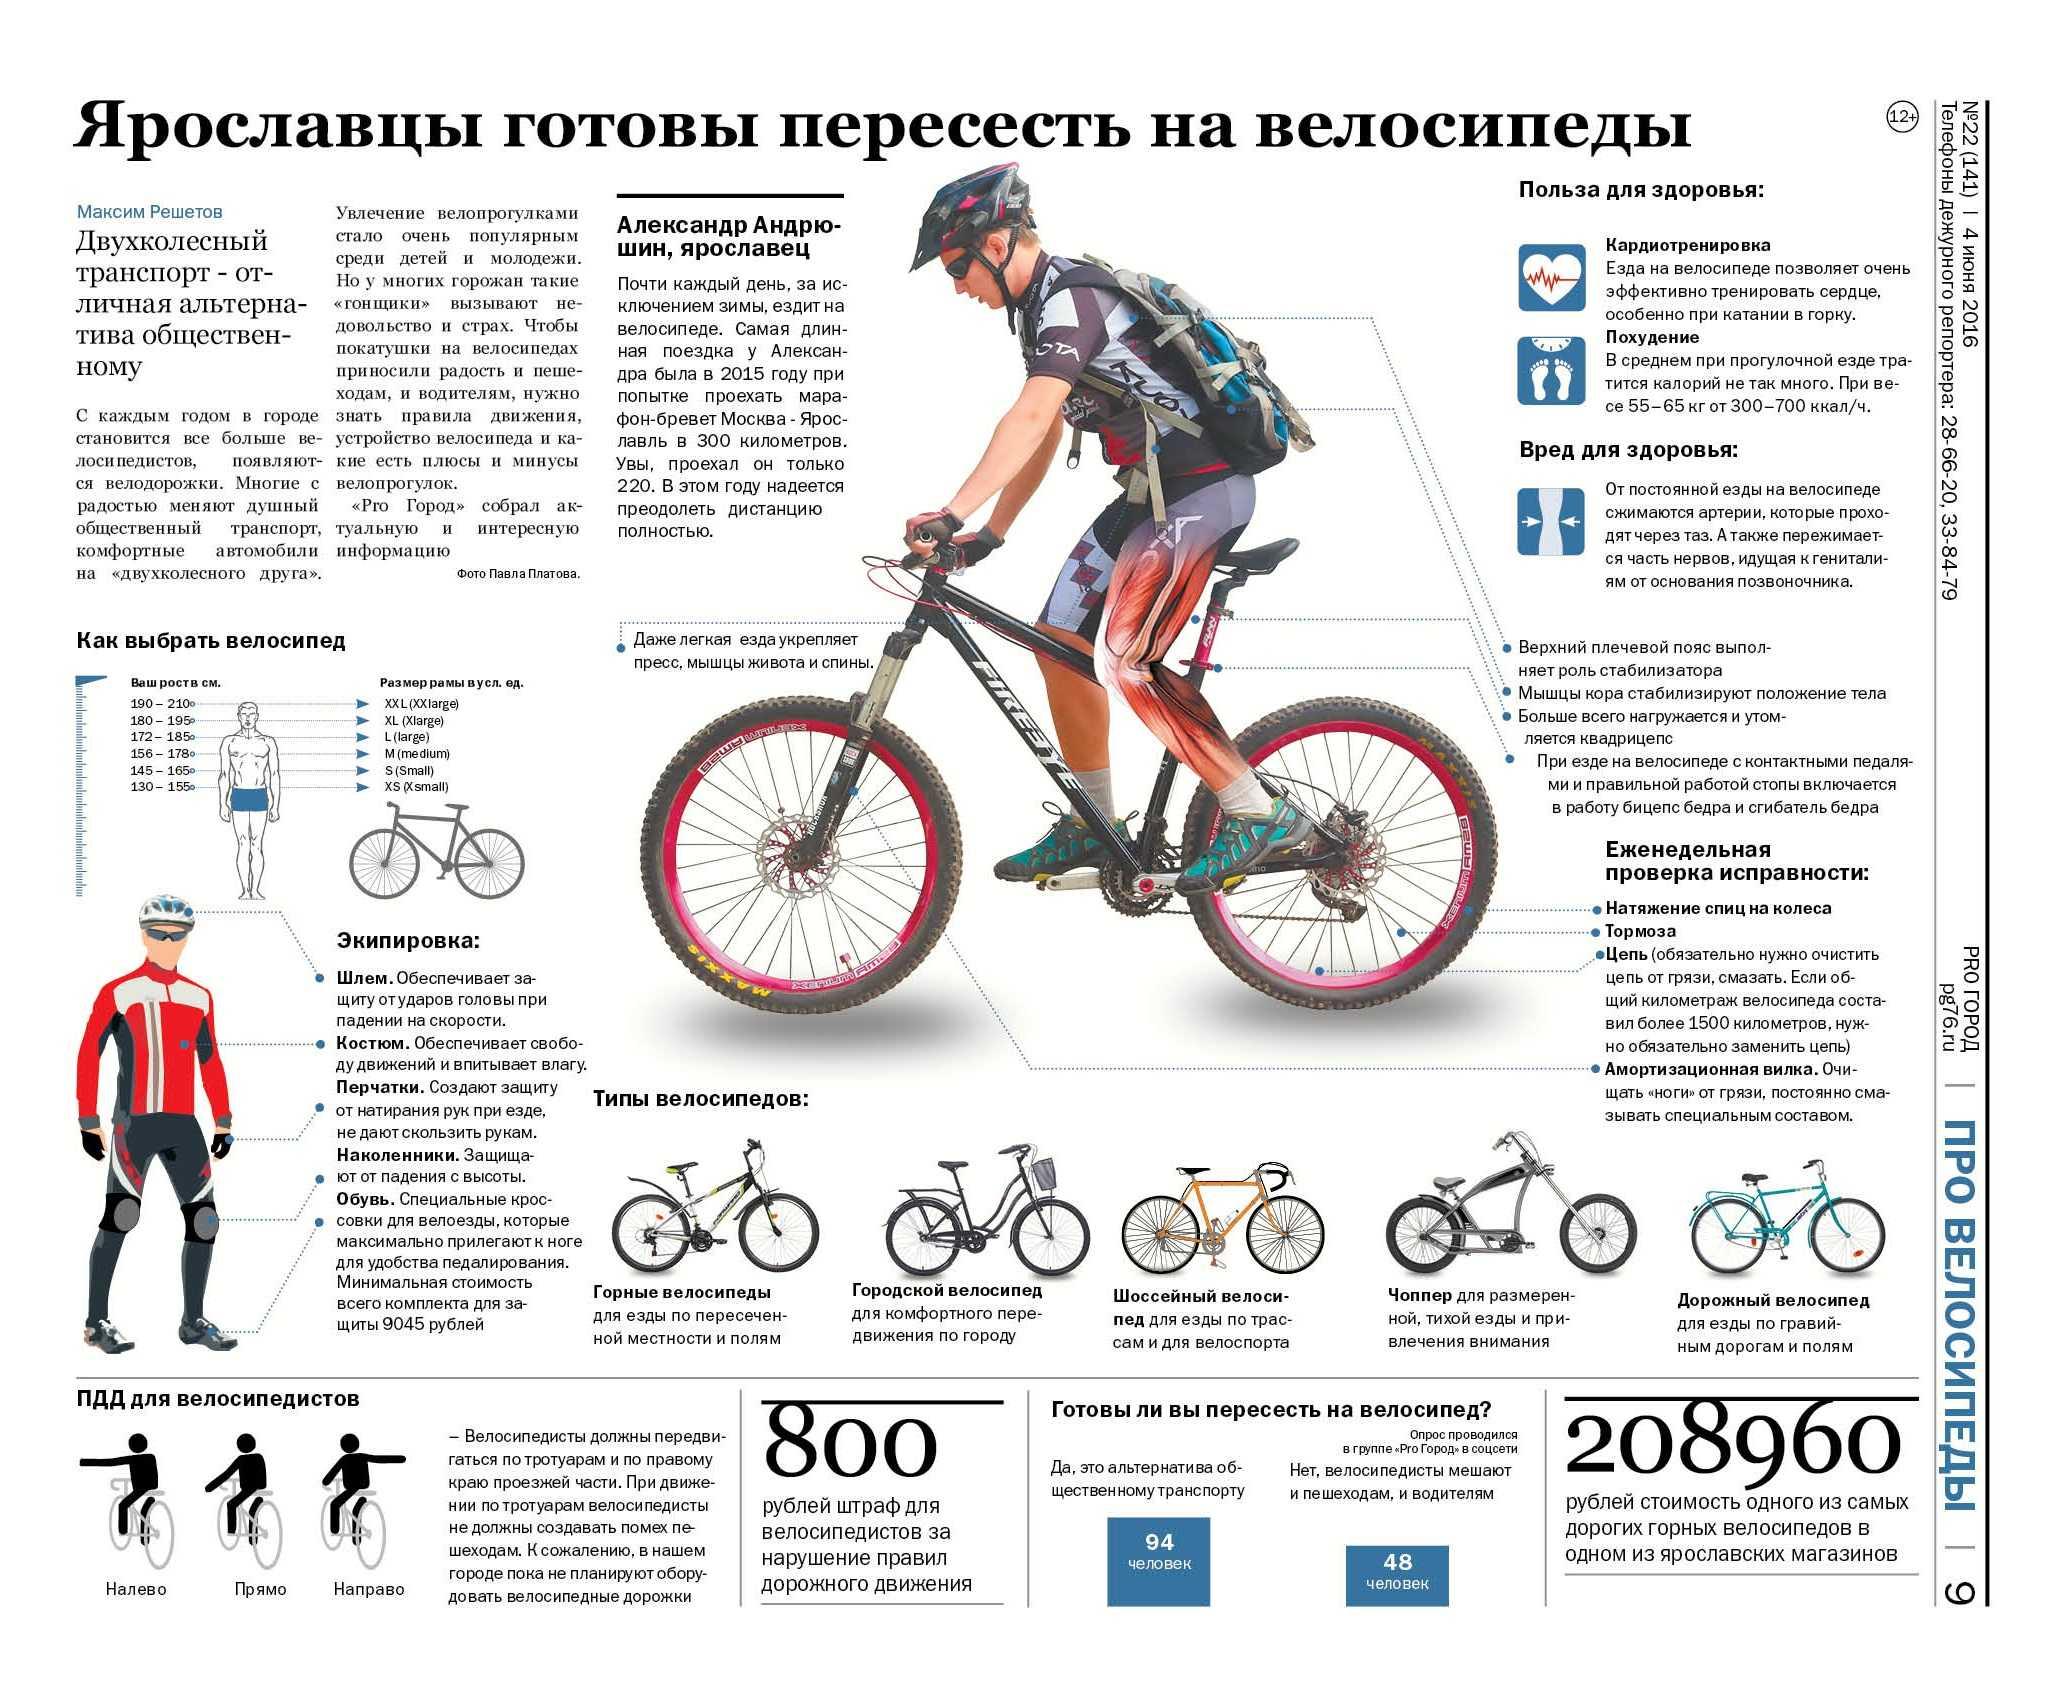 Как выбрать велосипед взрослому